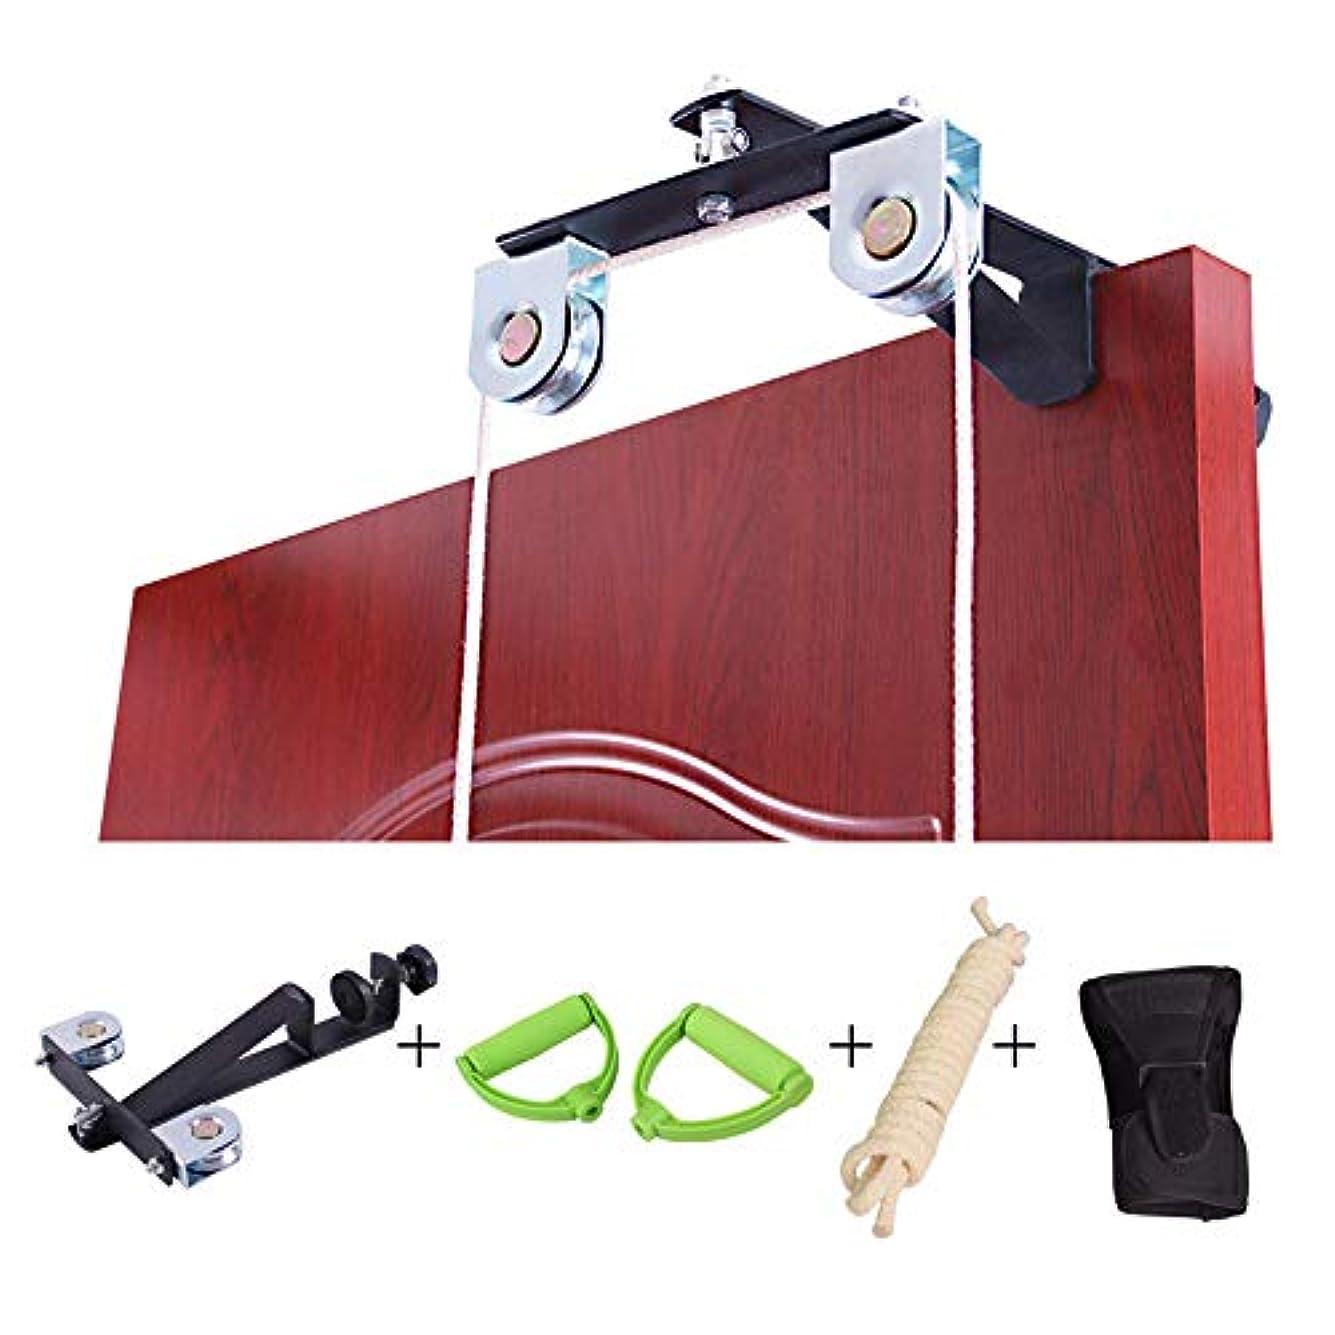 キャンベラ常にコア家庭用 肩のリハビリ機器 滑車訓練機 肩甲骨ストレッチャー 肩を大きく動かすエクササイズダブルプーリーデザイン